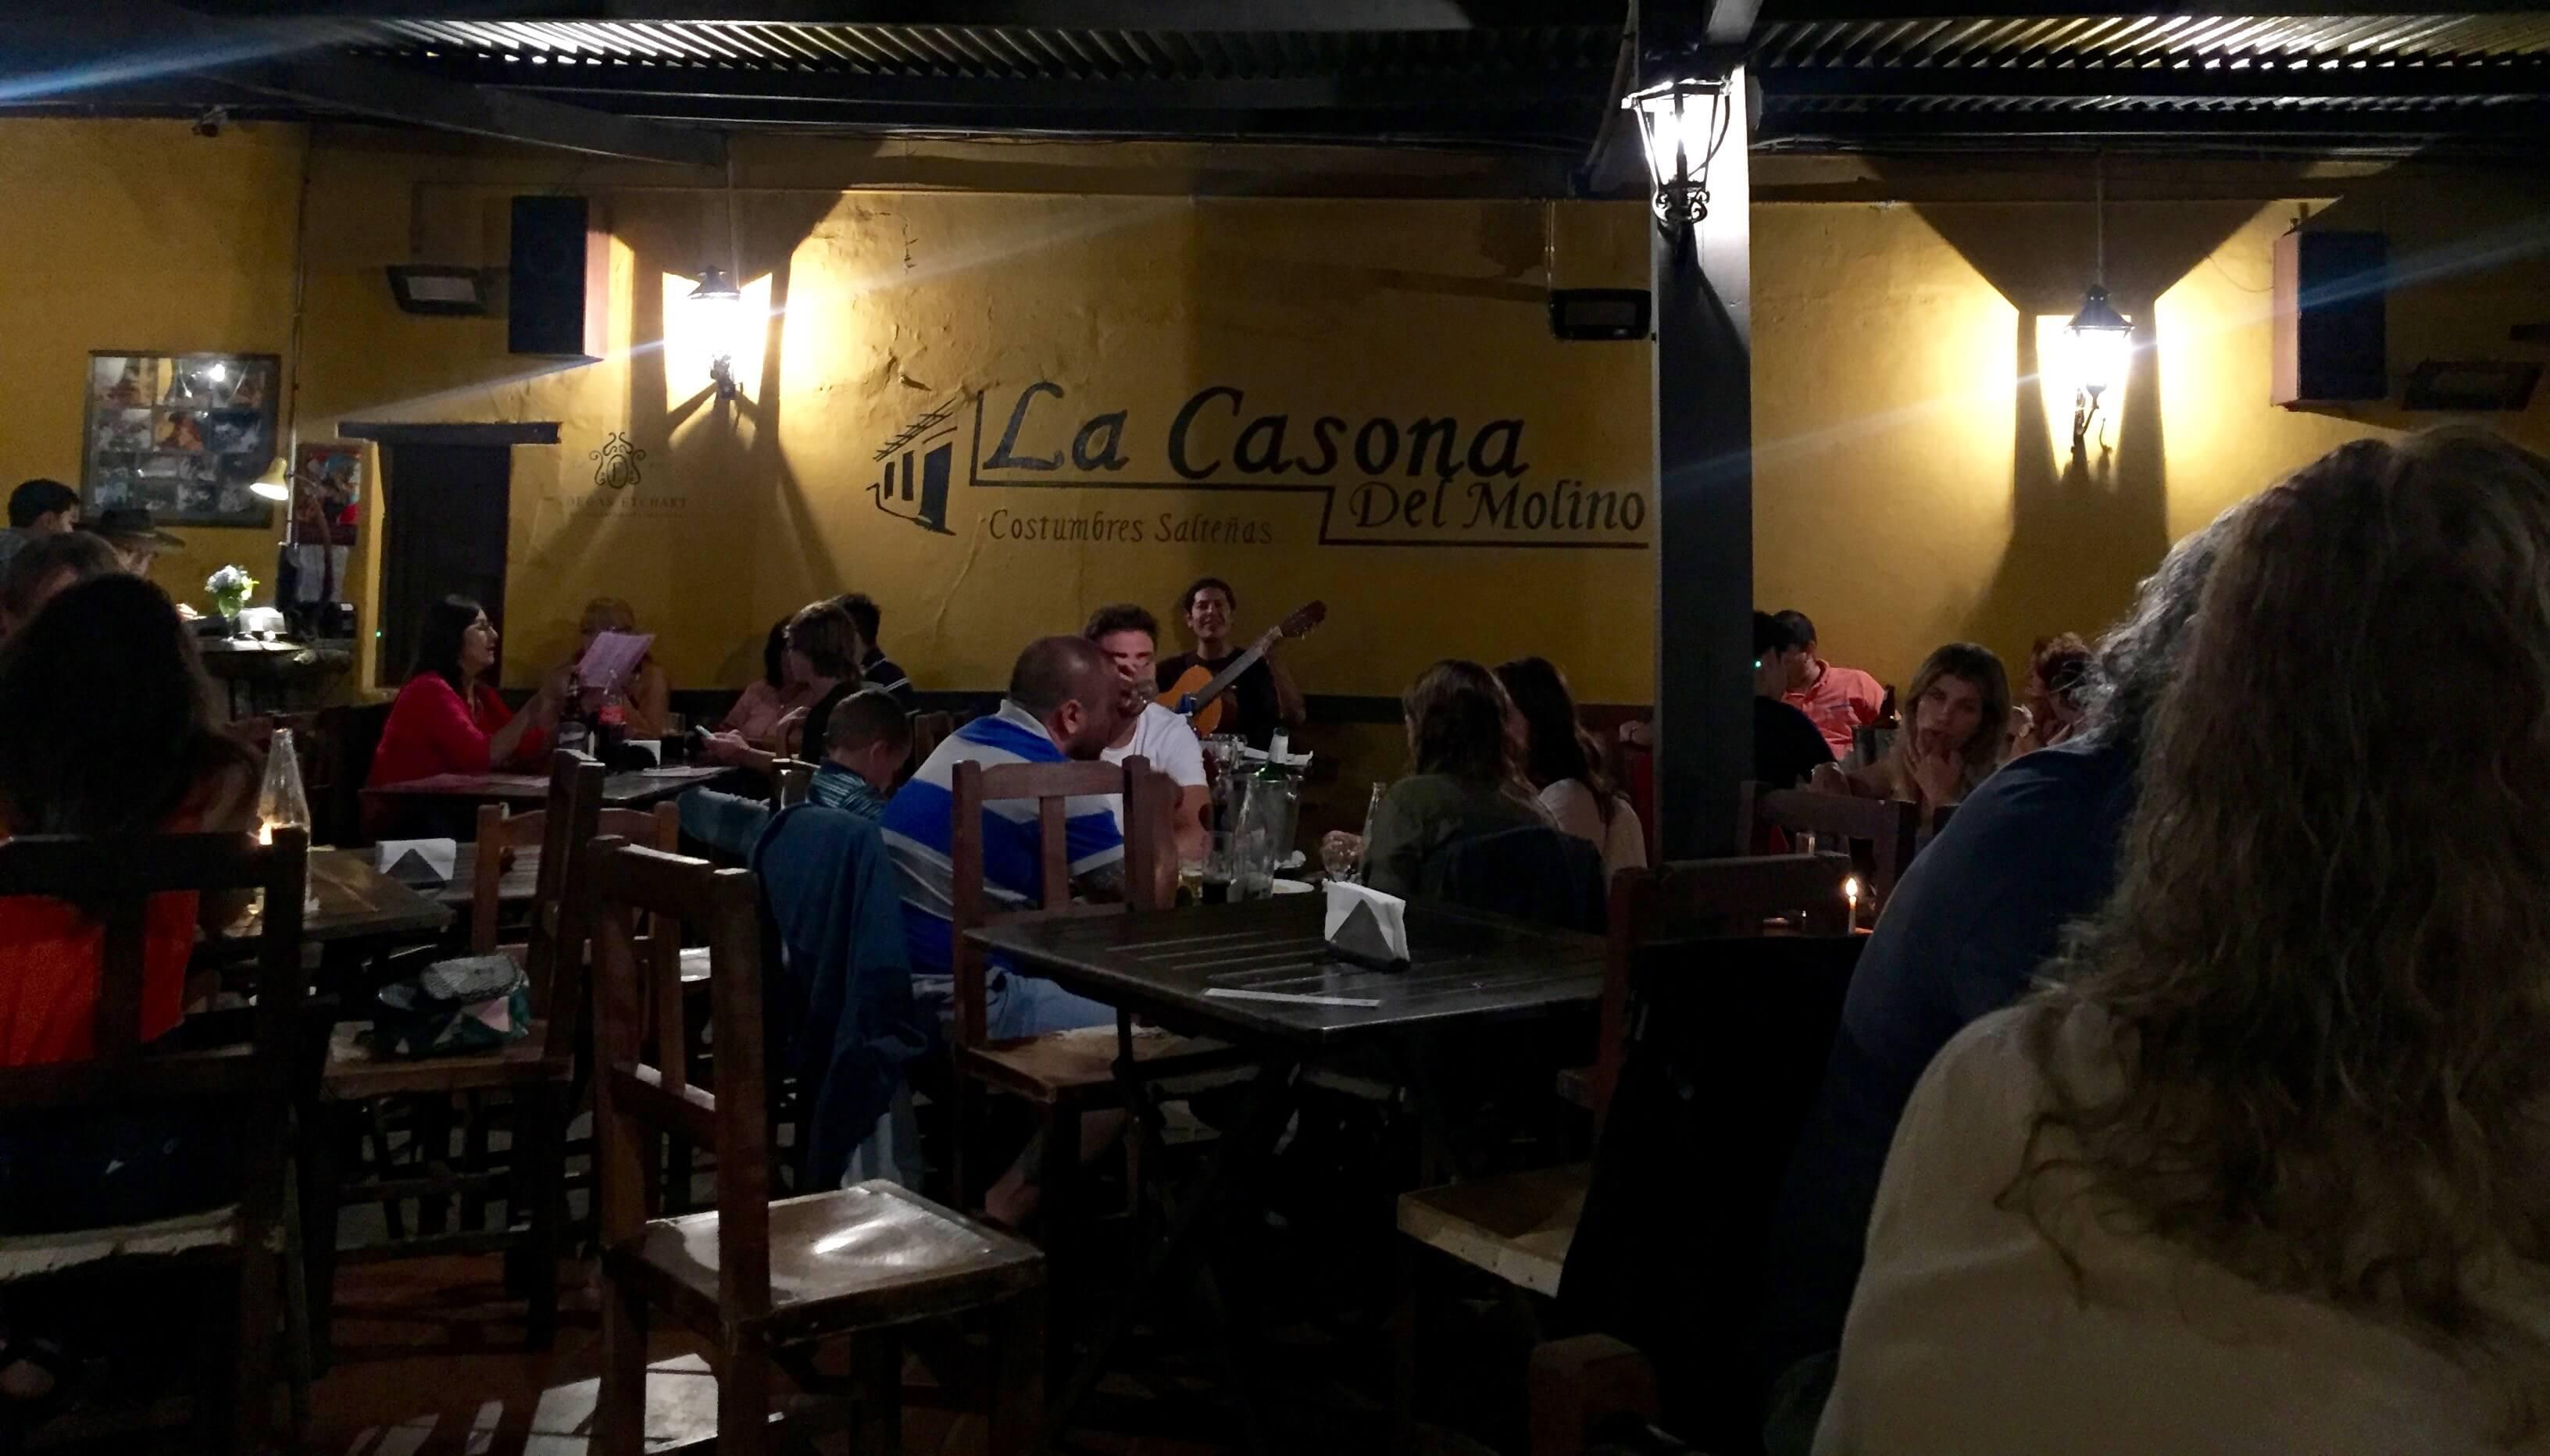 La Casona del Molino Restaurant